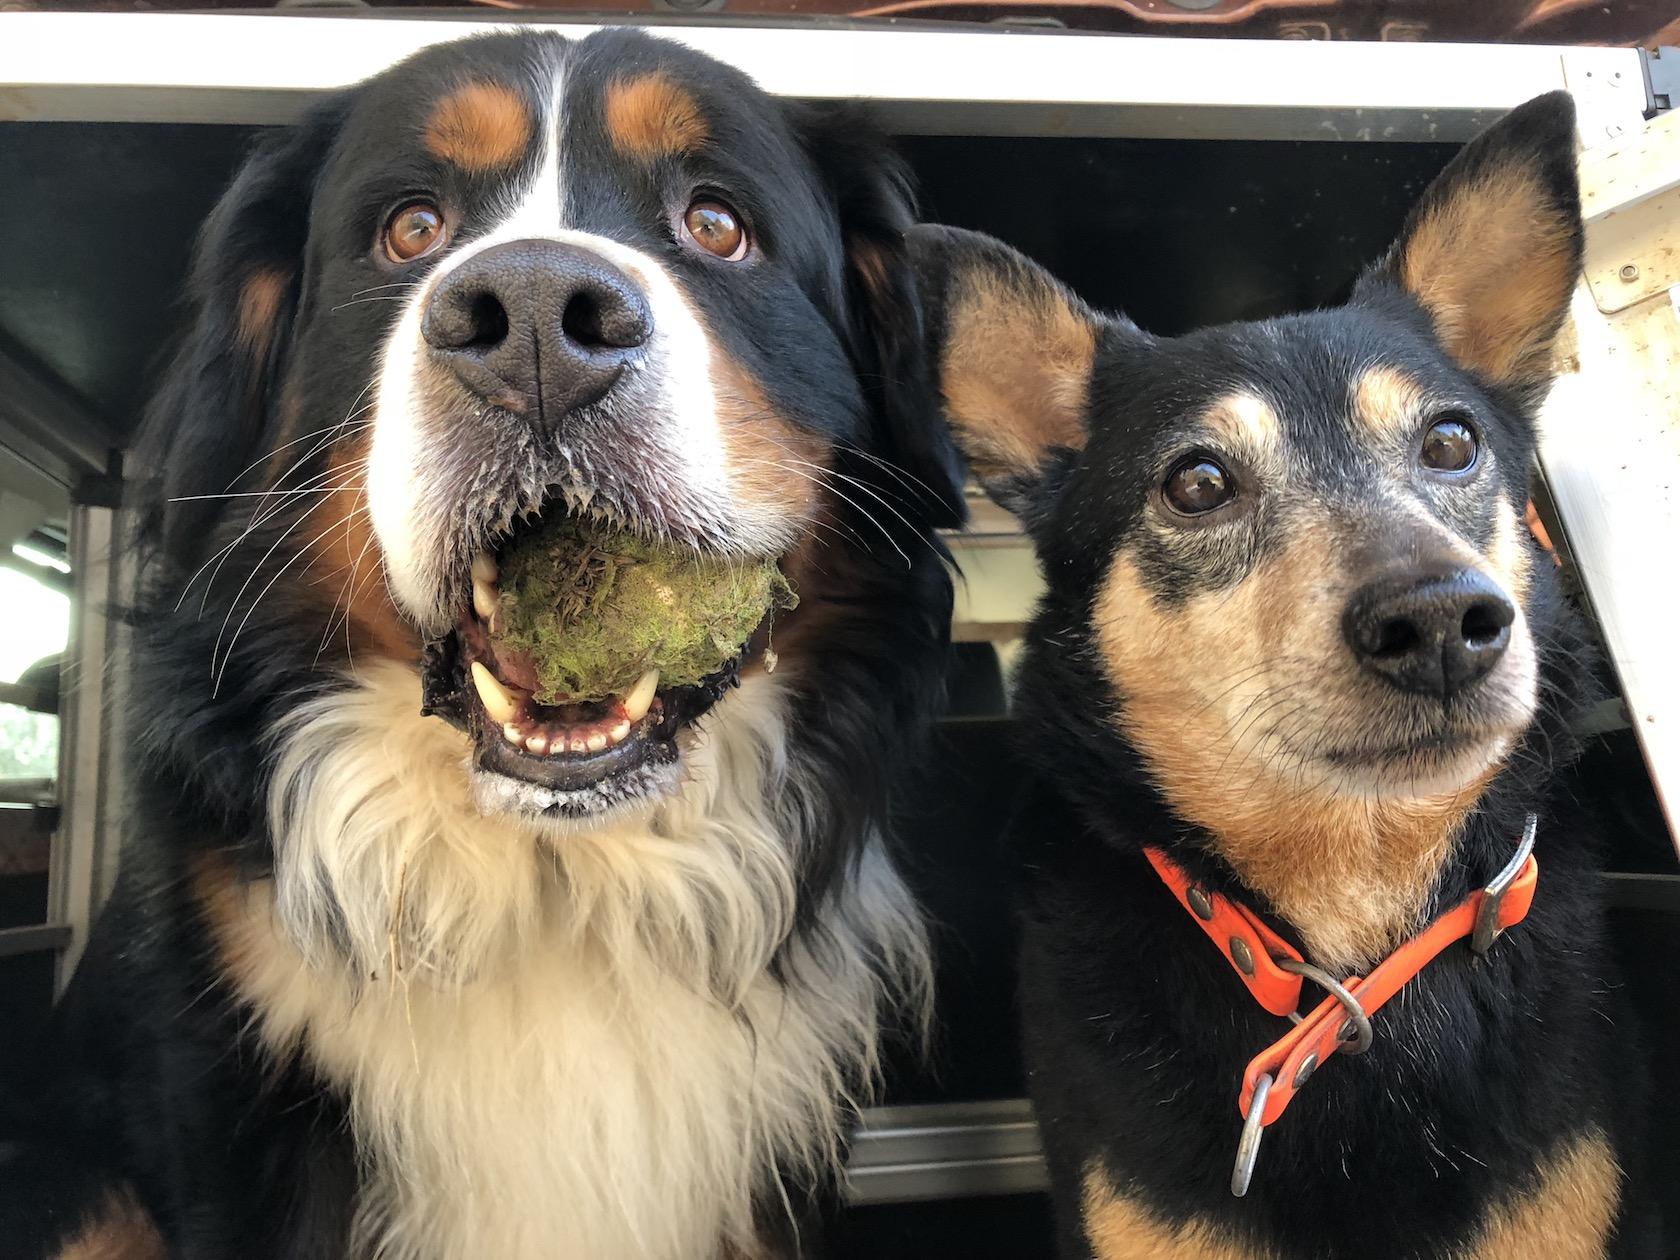 Die Hundenomaden - von einem Rudel, das auszieht, Europa zu erkunden